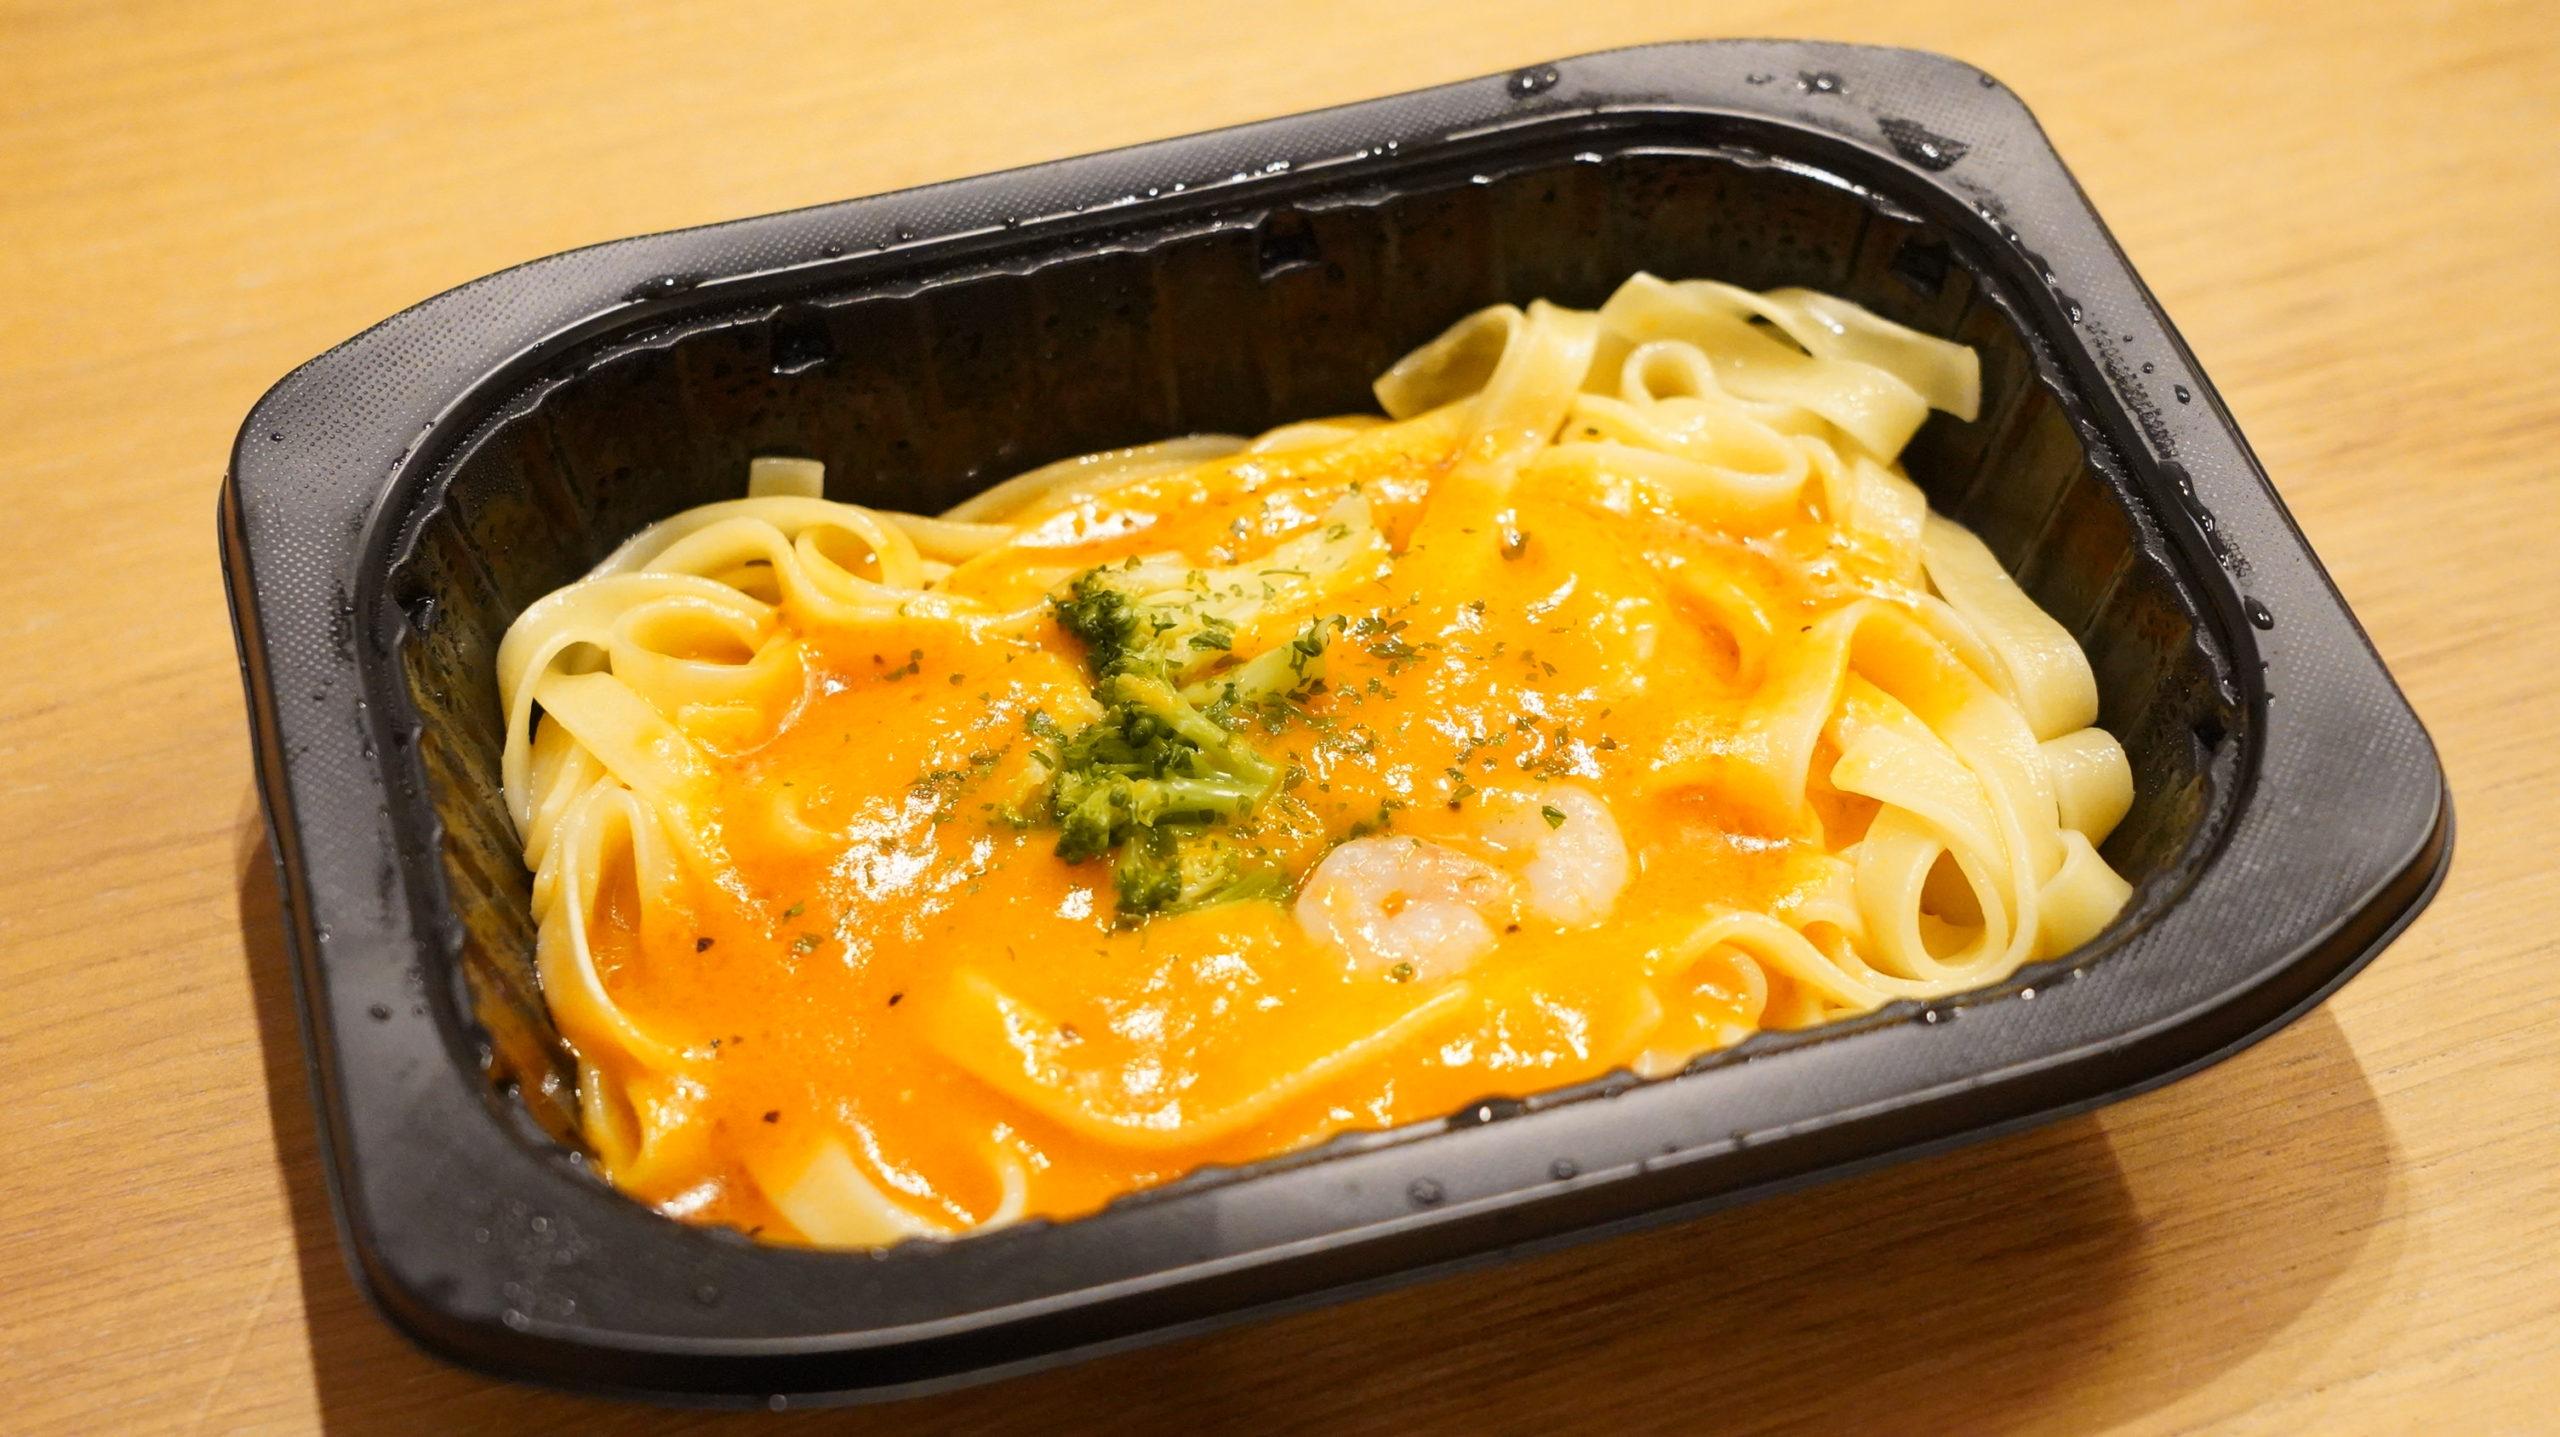 ファミリーマートの冷凍食品「生パスタ旨み豊かな海老トマトクリーム」の中身の写真